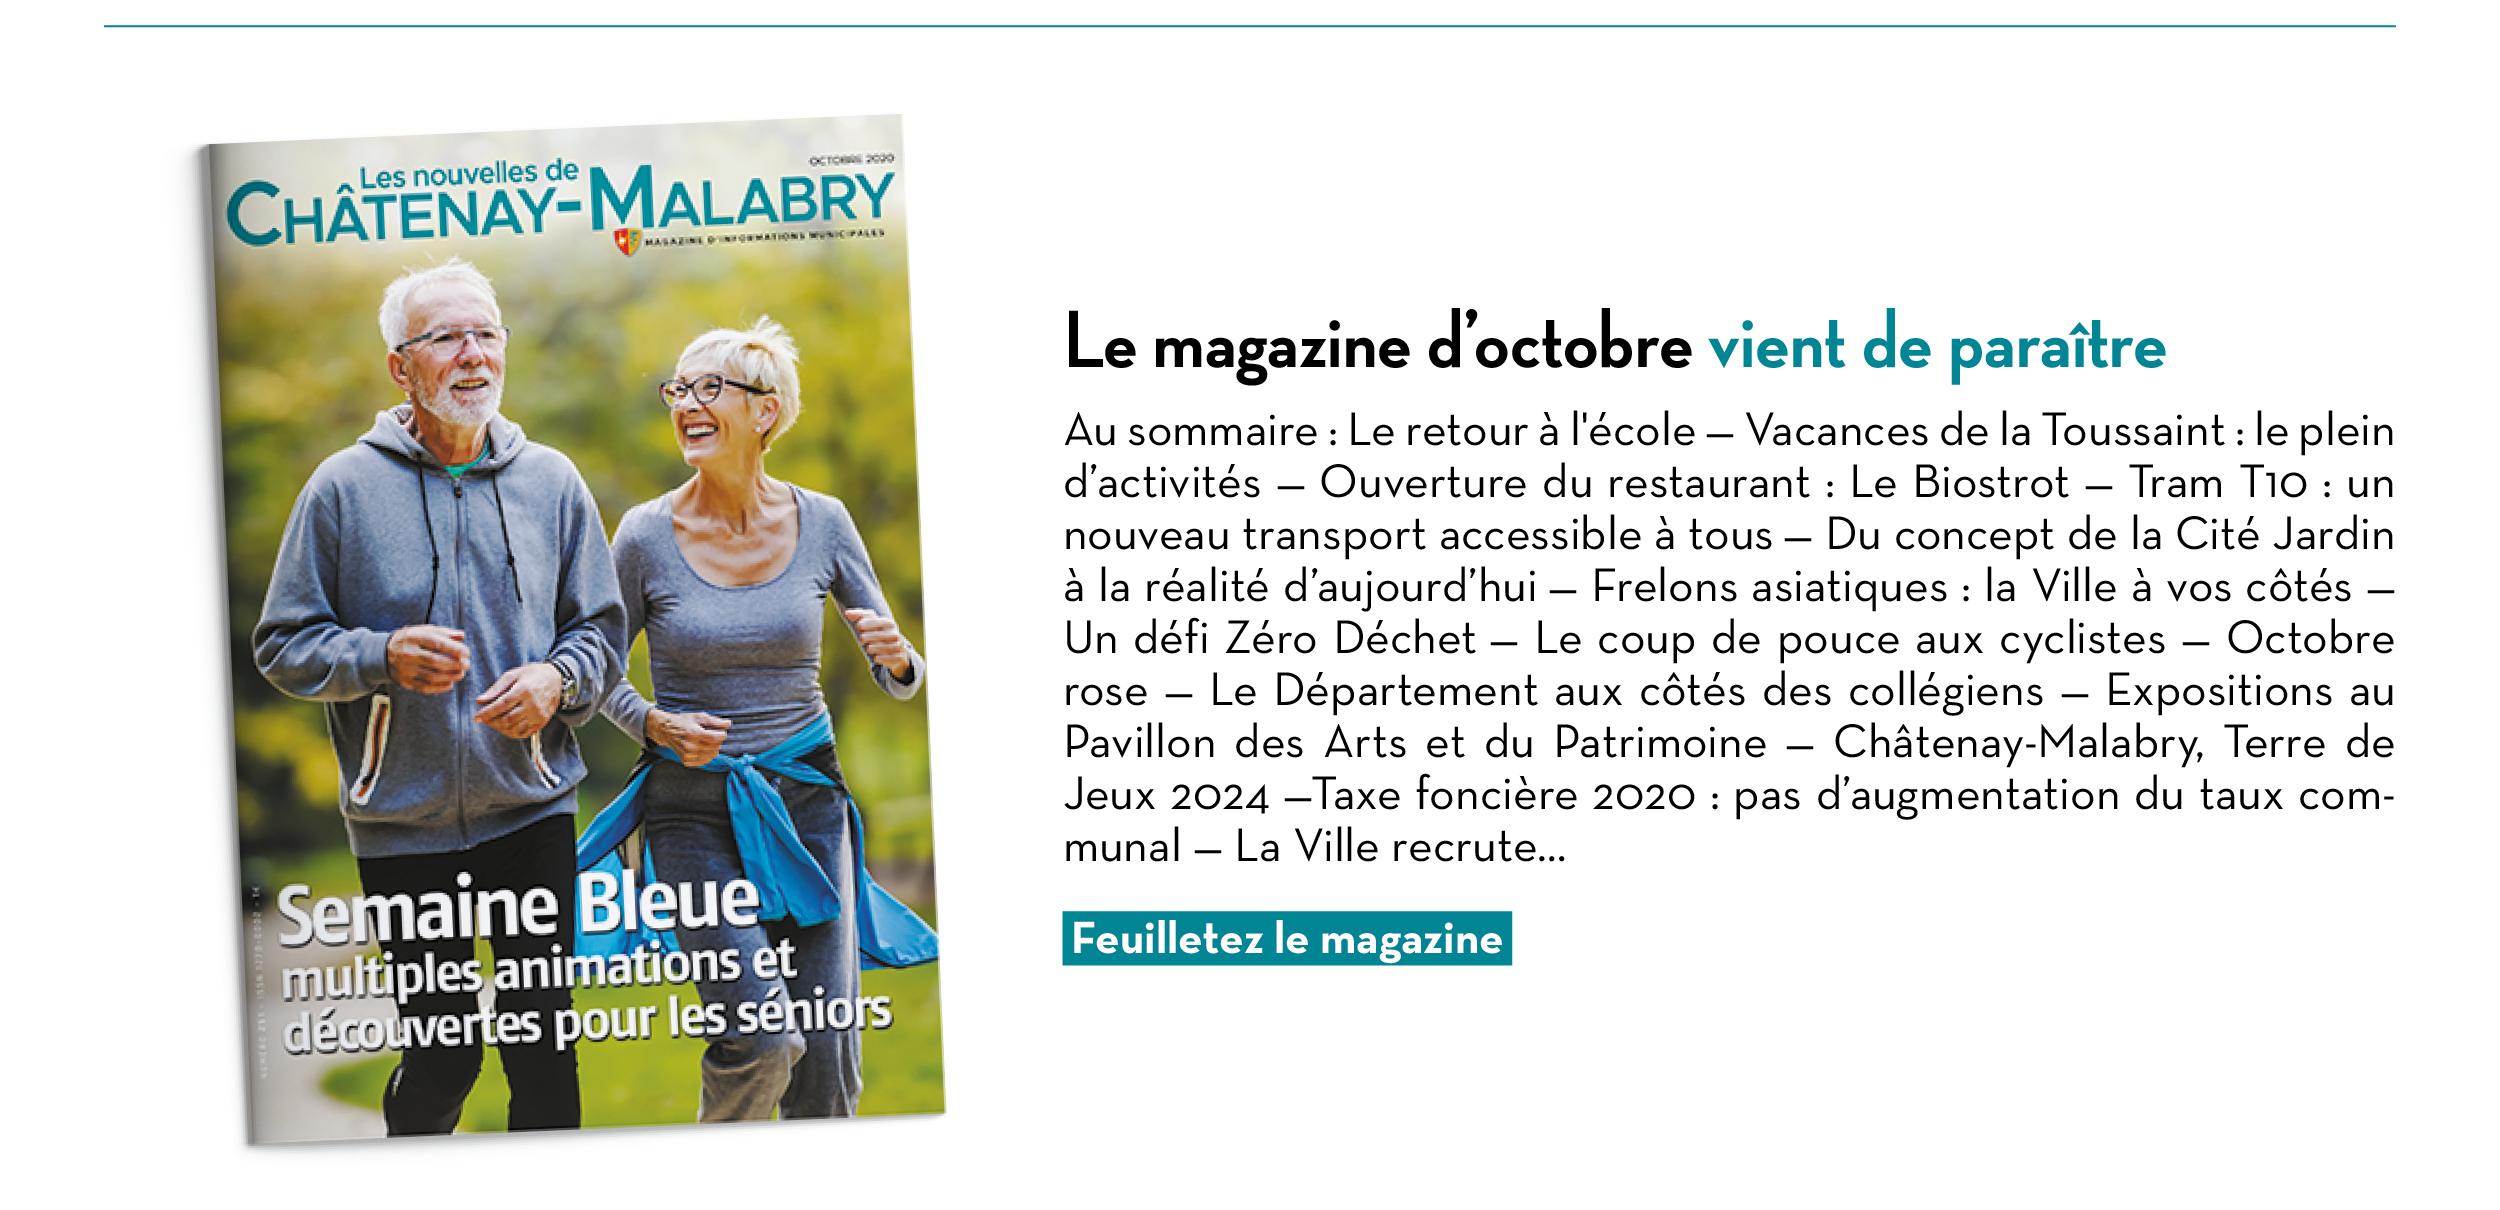 Le magazine d'octobre vient de paraître